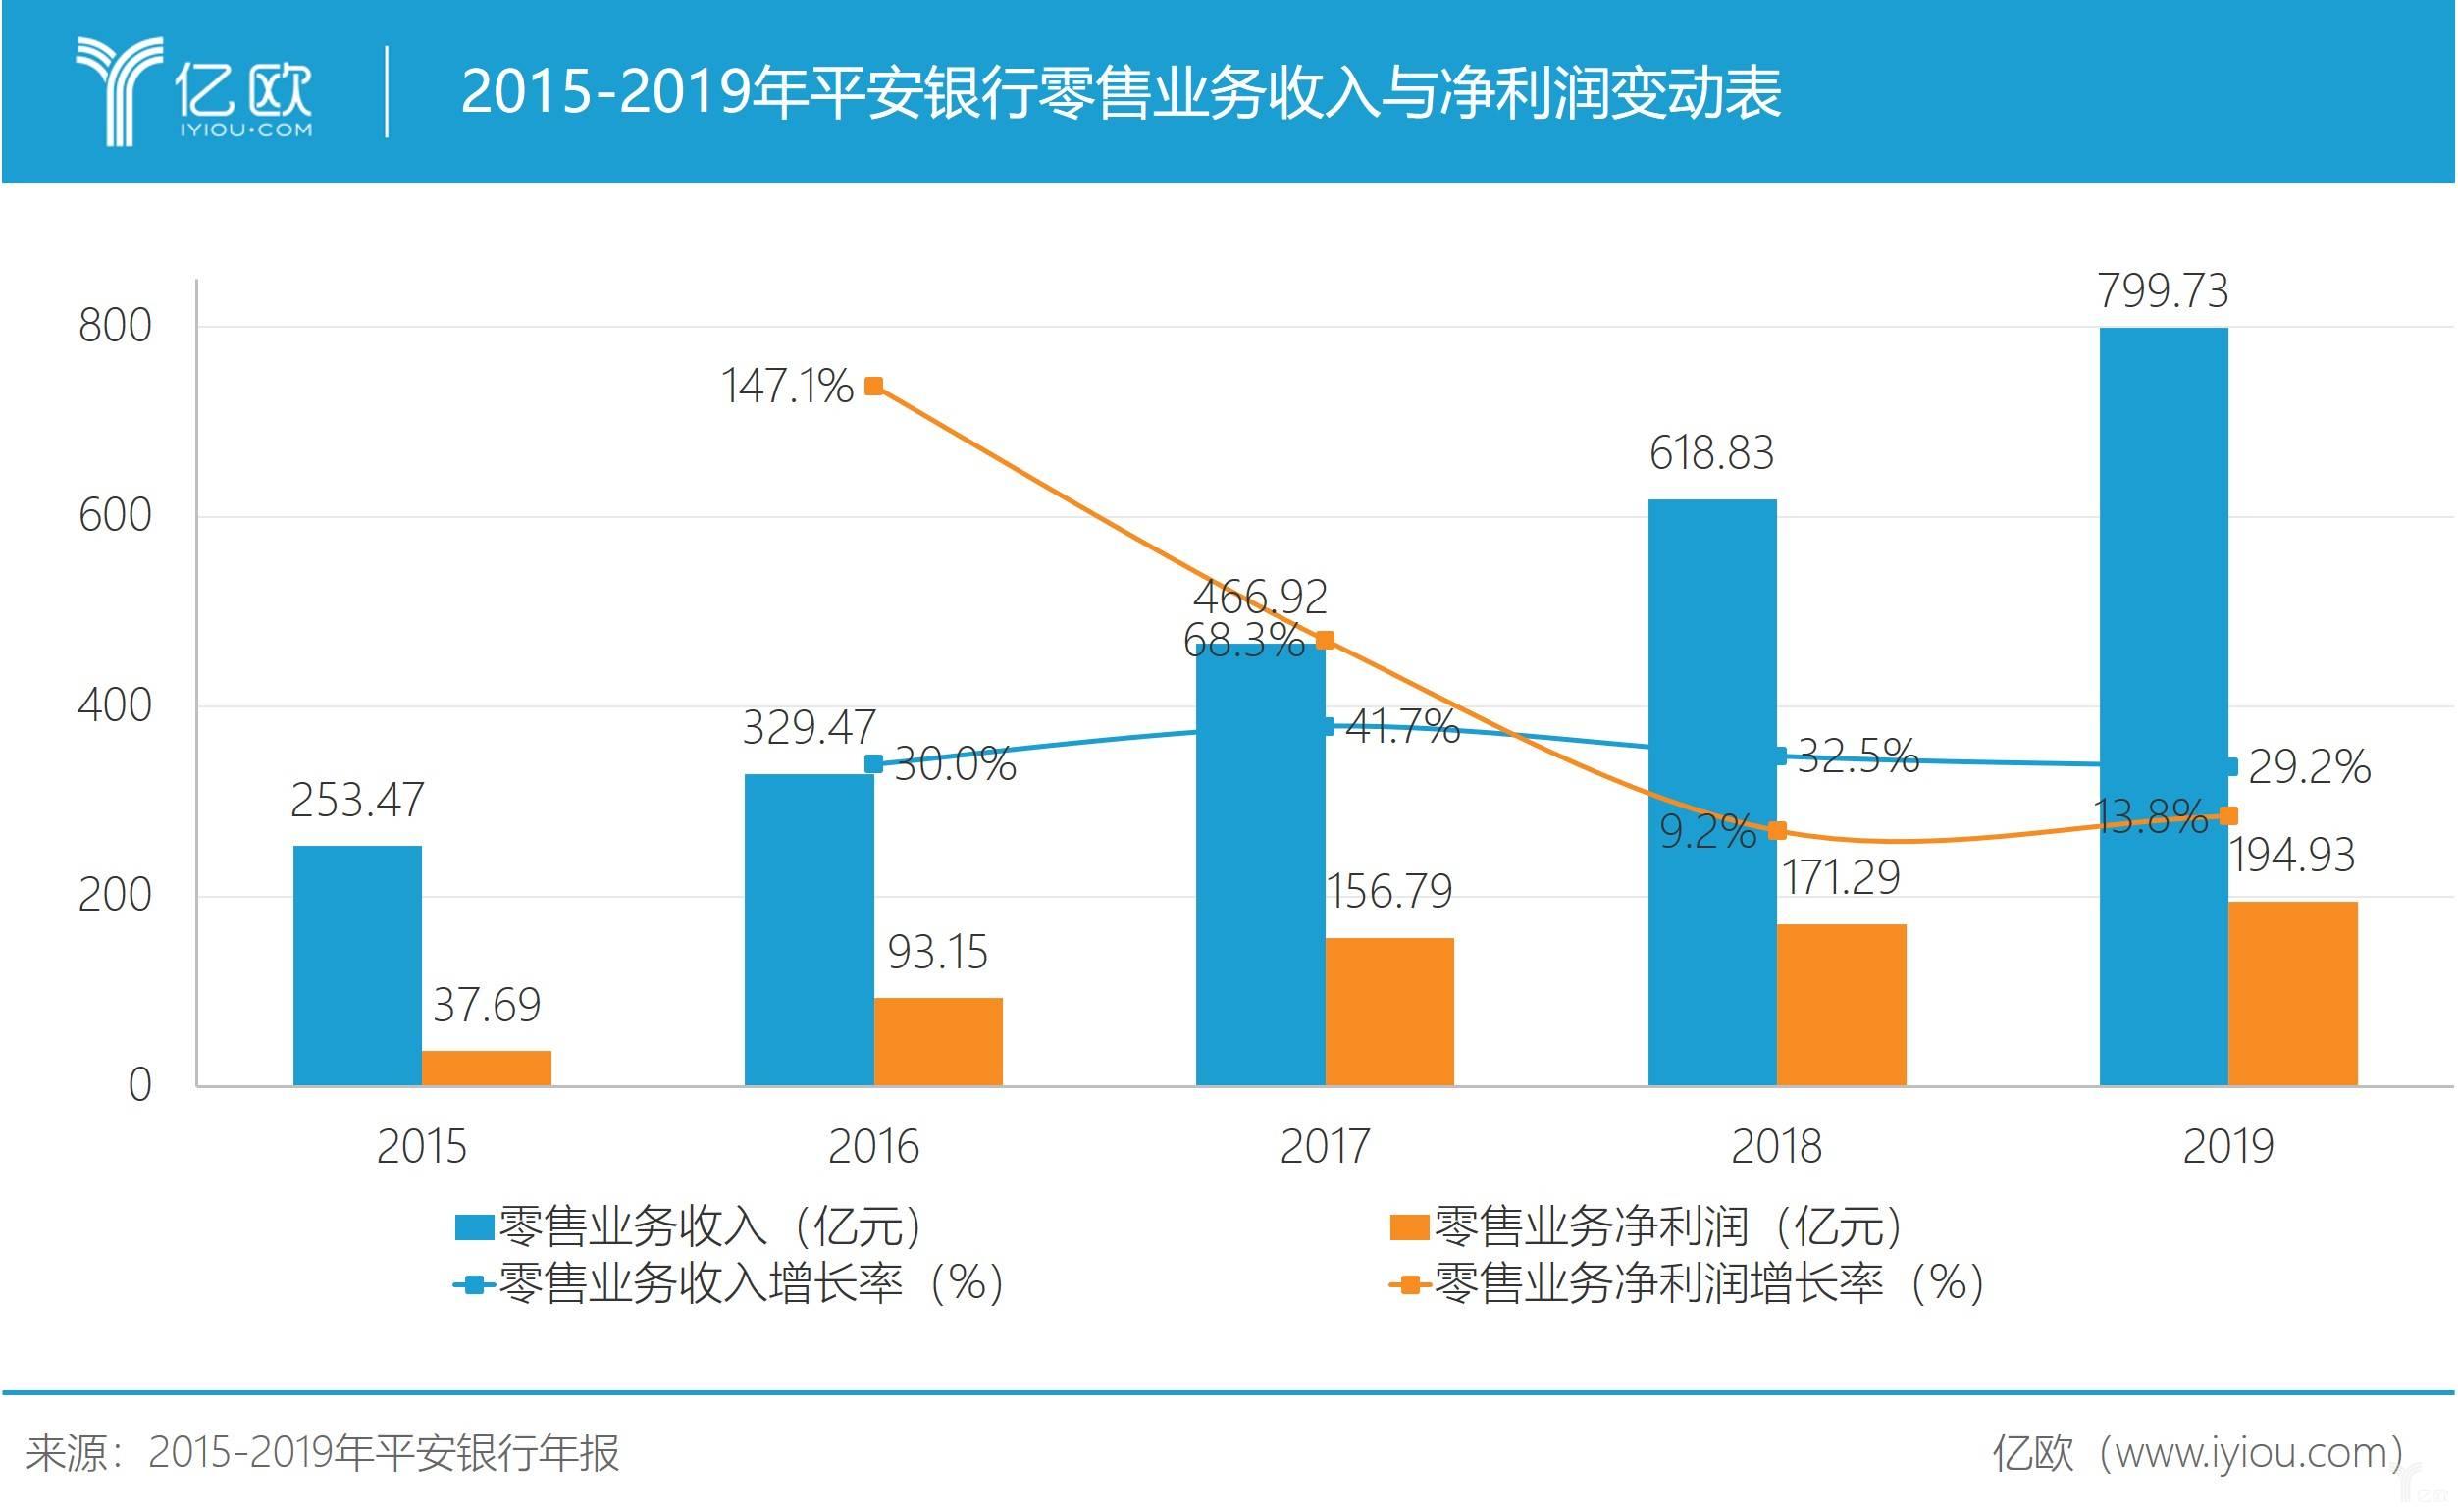 2015-2019年平安银行零售业务收入与变动表